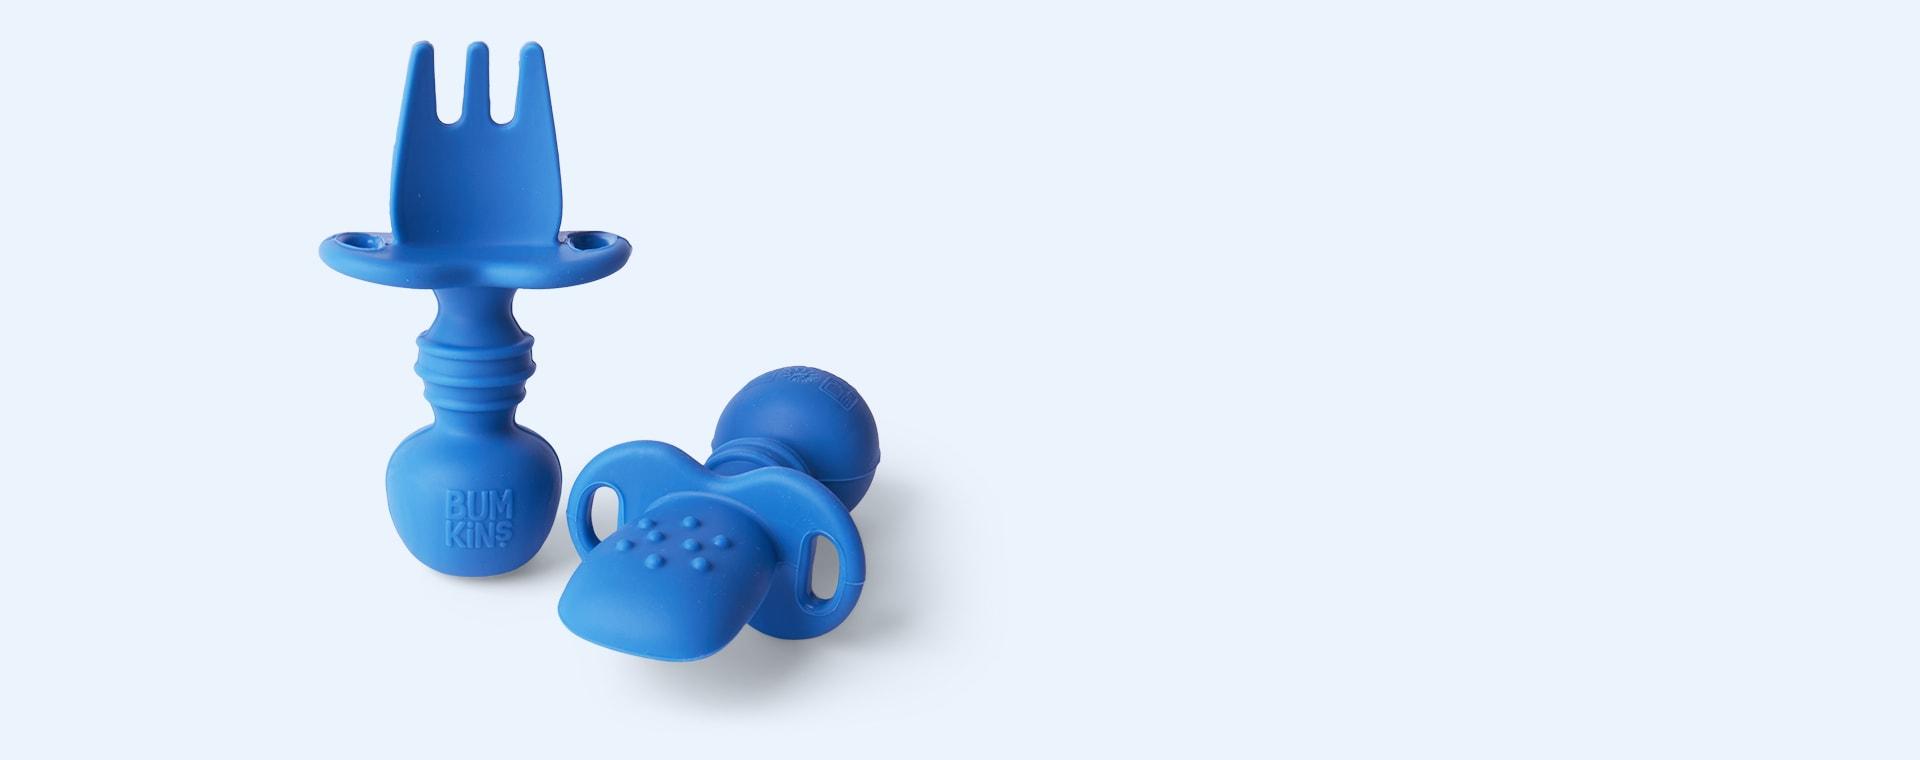 Deep Blue Bumkins Chewtensils